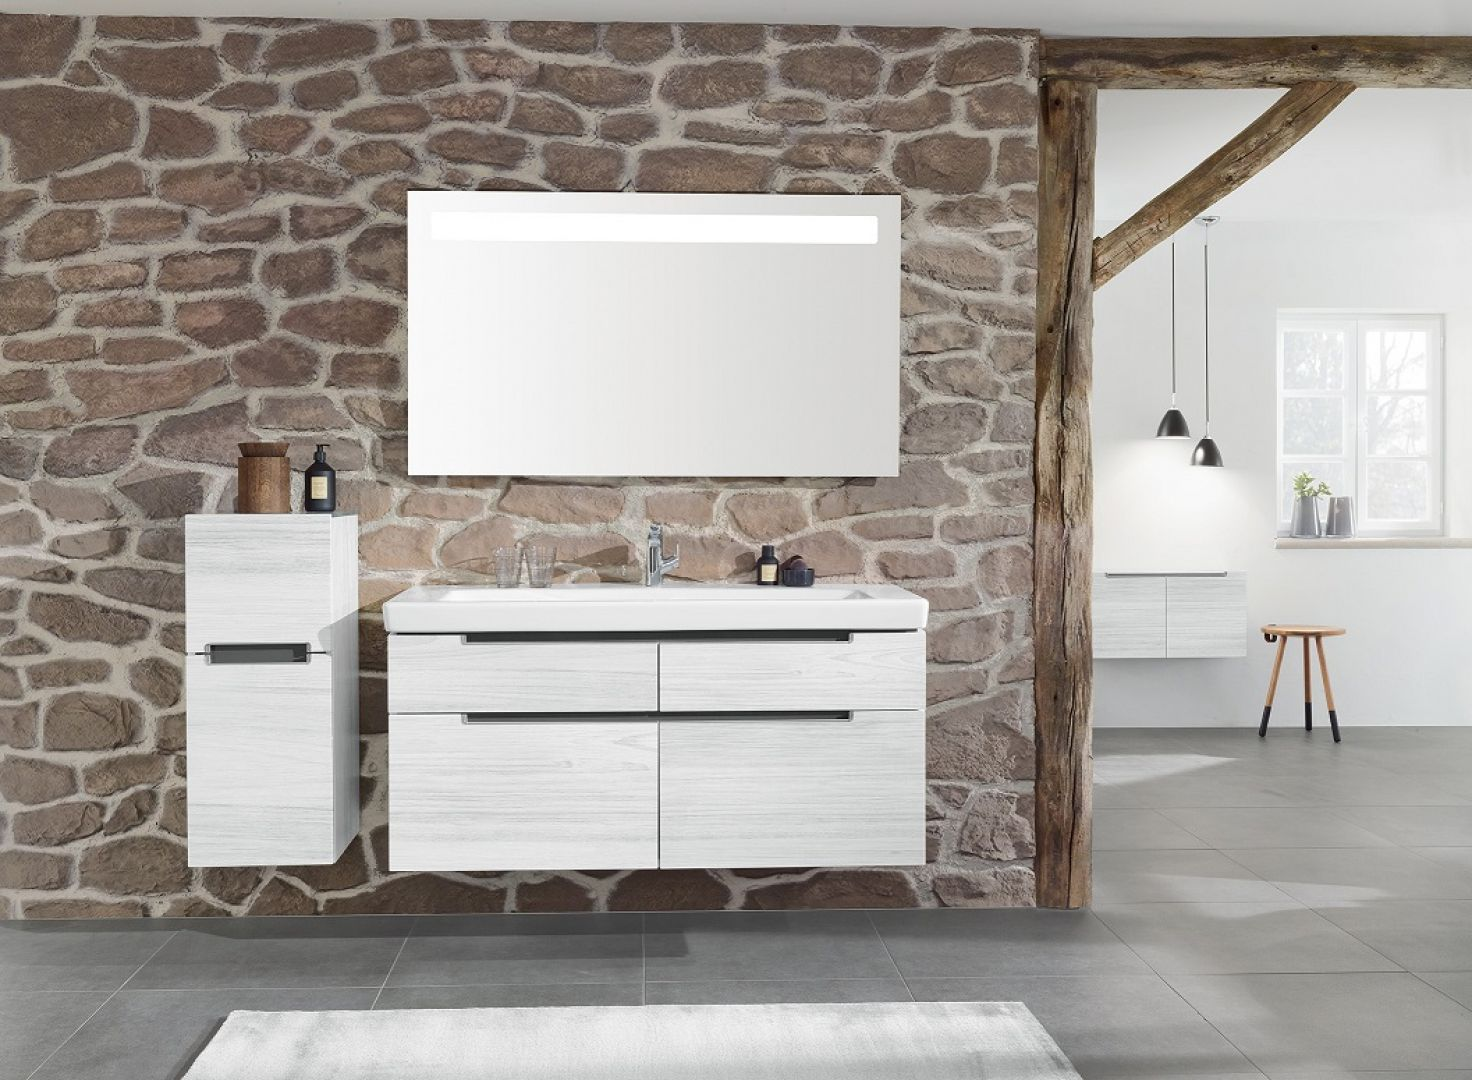 Lustro łazienkowe More to See 14 z oferty Villeroy & Boch, ze zintegrowanym oświetleniem LED, w którym można zmieniać natężenie światła i  jego kolor  – od ciepłej do zimnej  bieli.  Fot. Villeroy & Boch